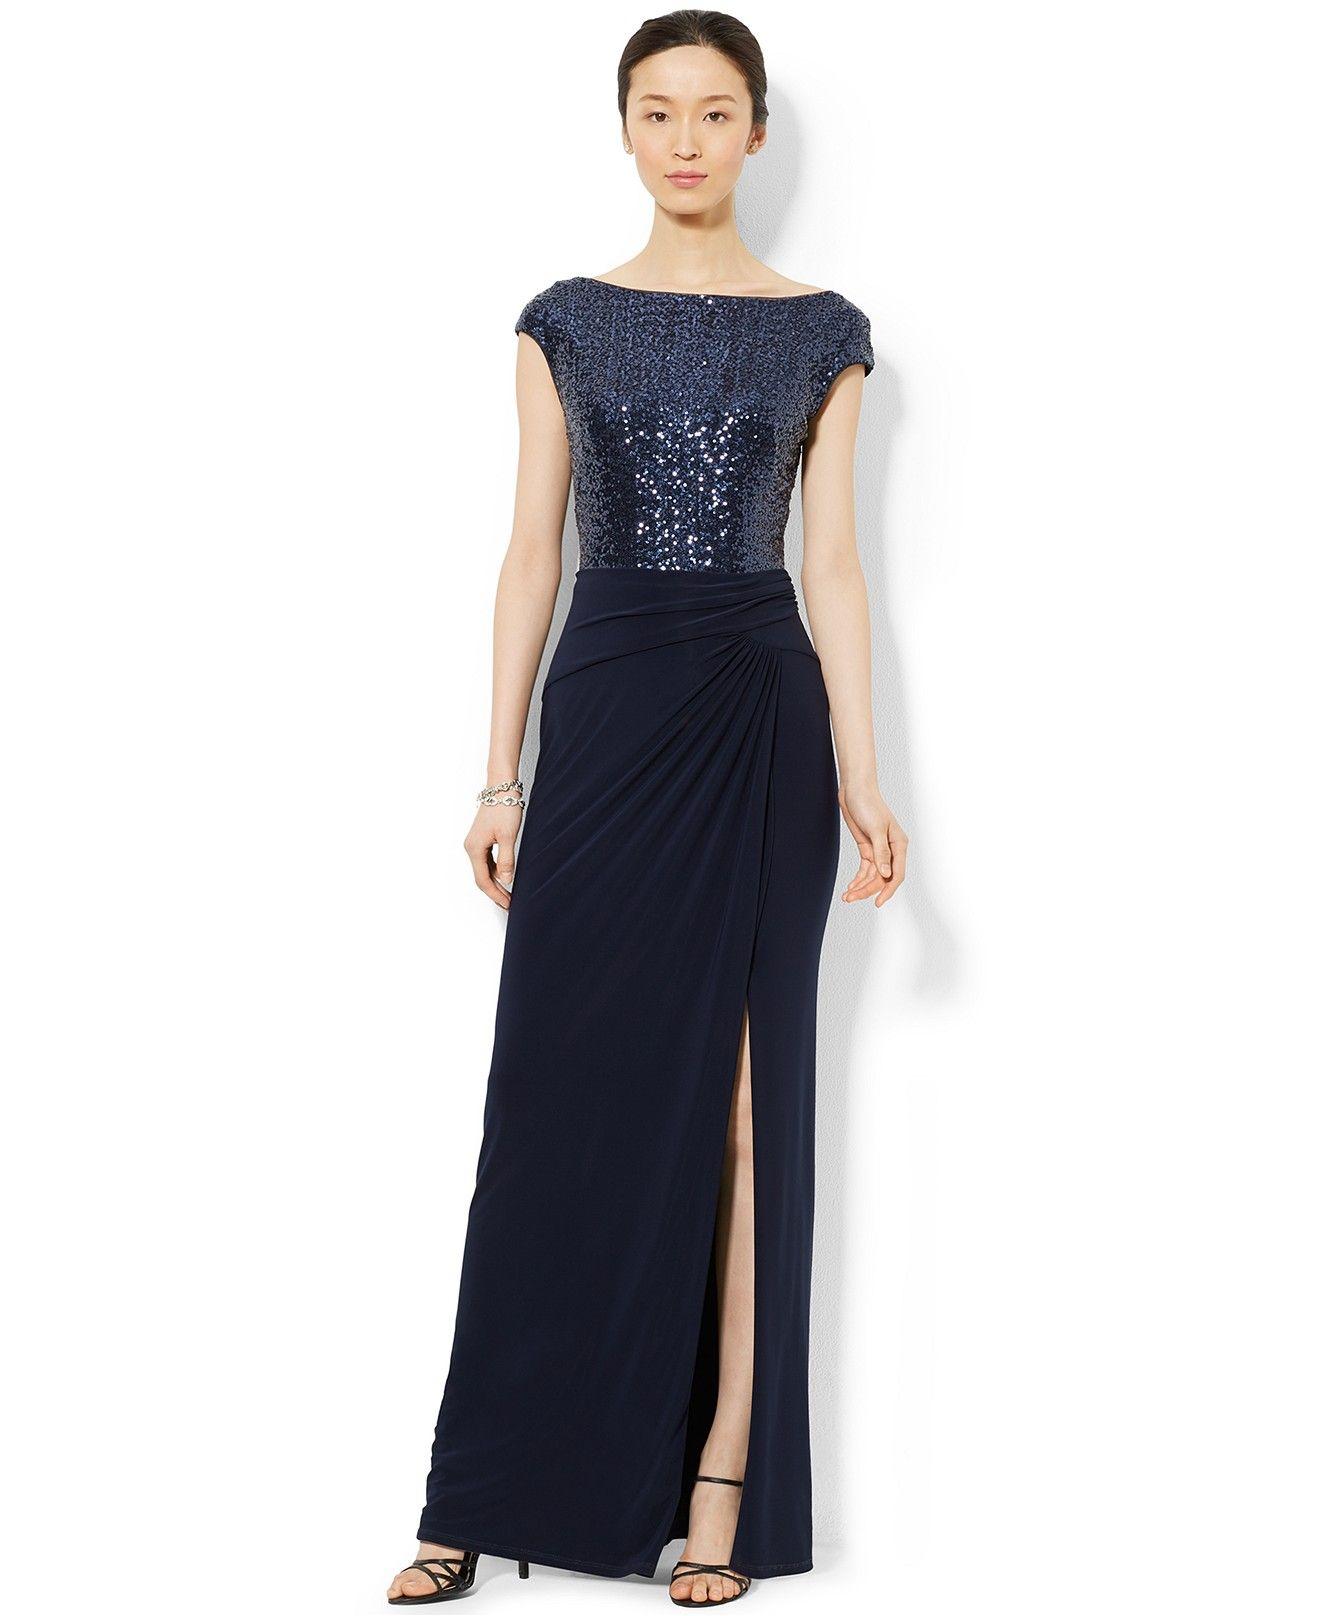 f69127a8b6f Lauren Ralph Lauren Sequined Boat-Neck Dress - Dresses - Women - Macy s